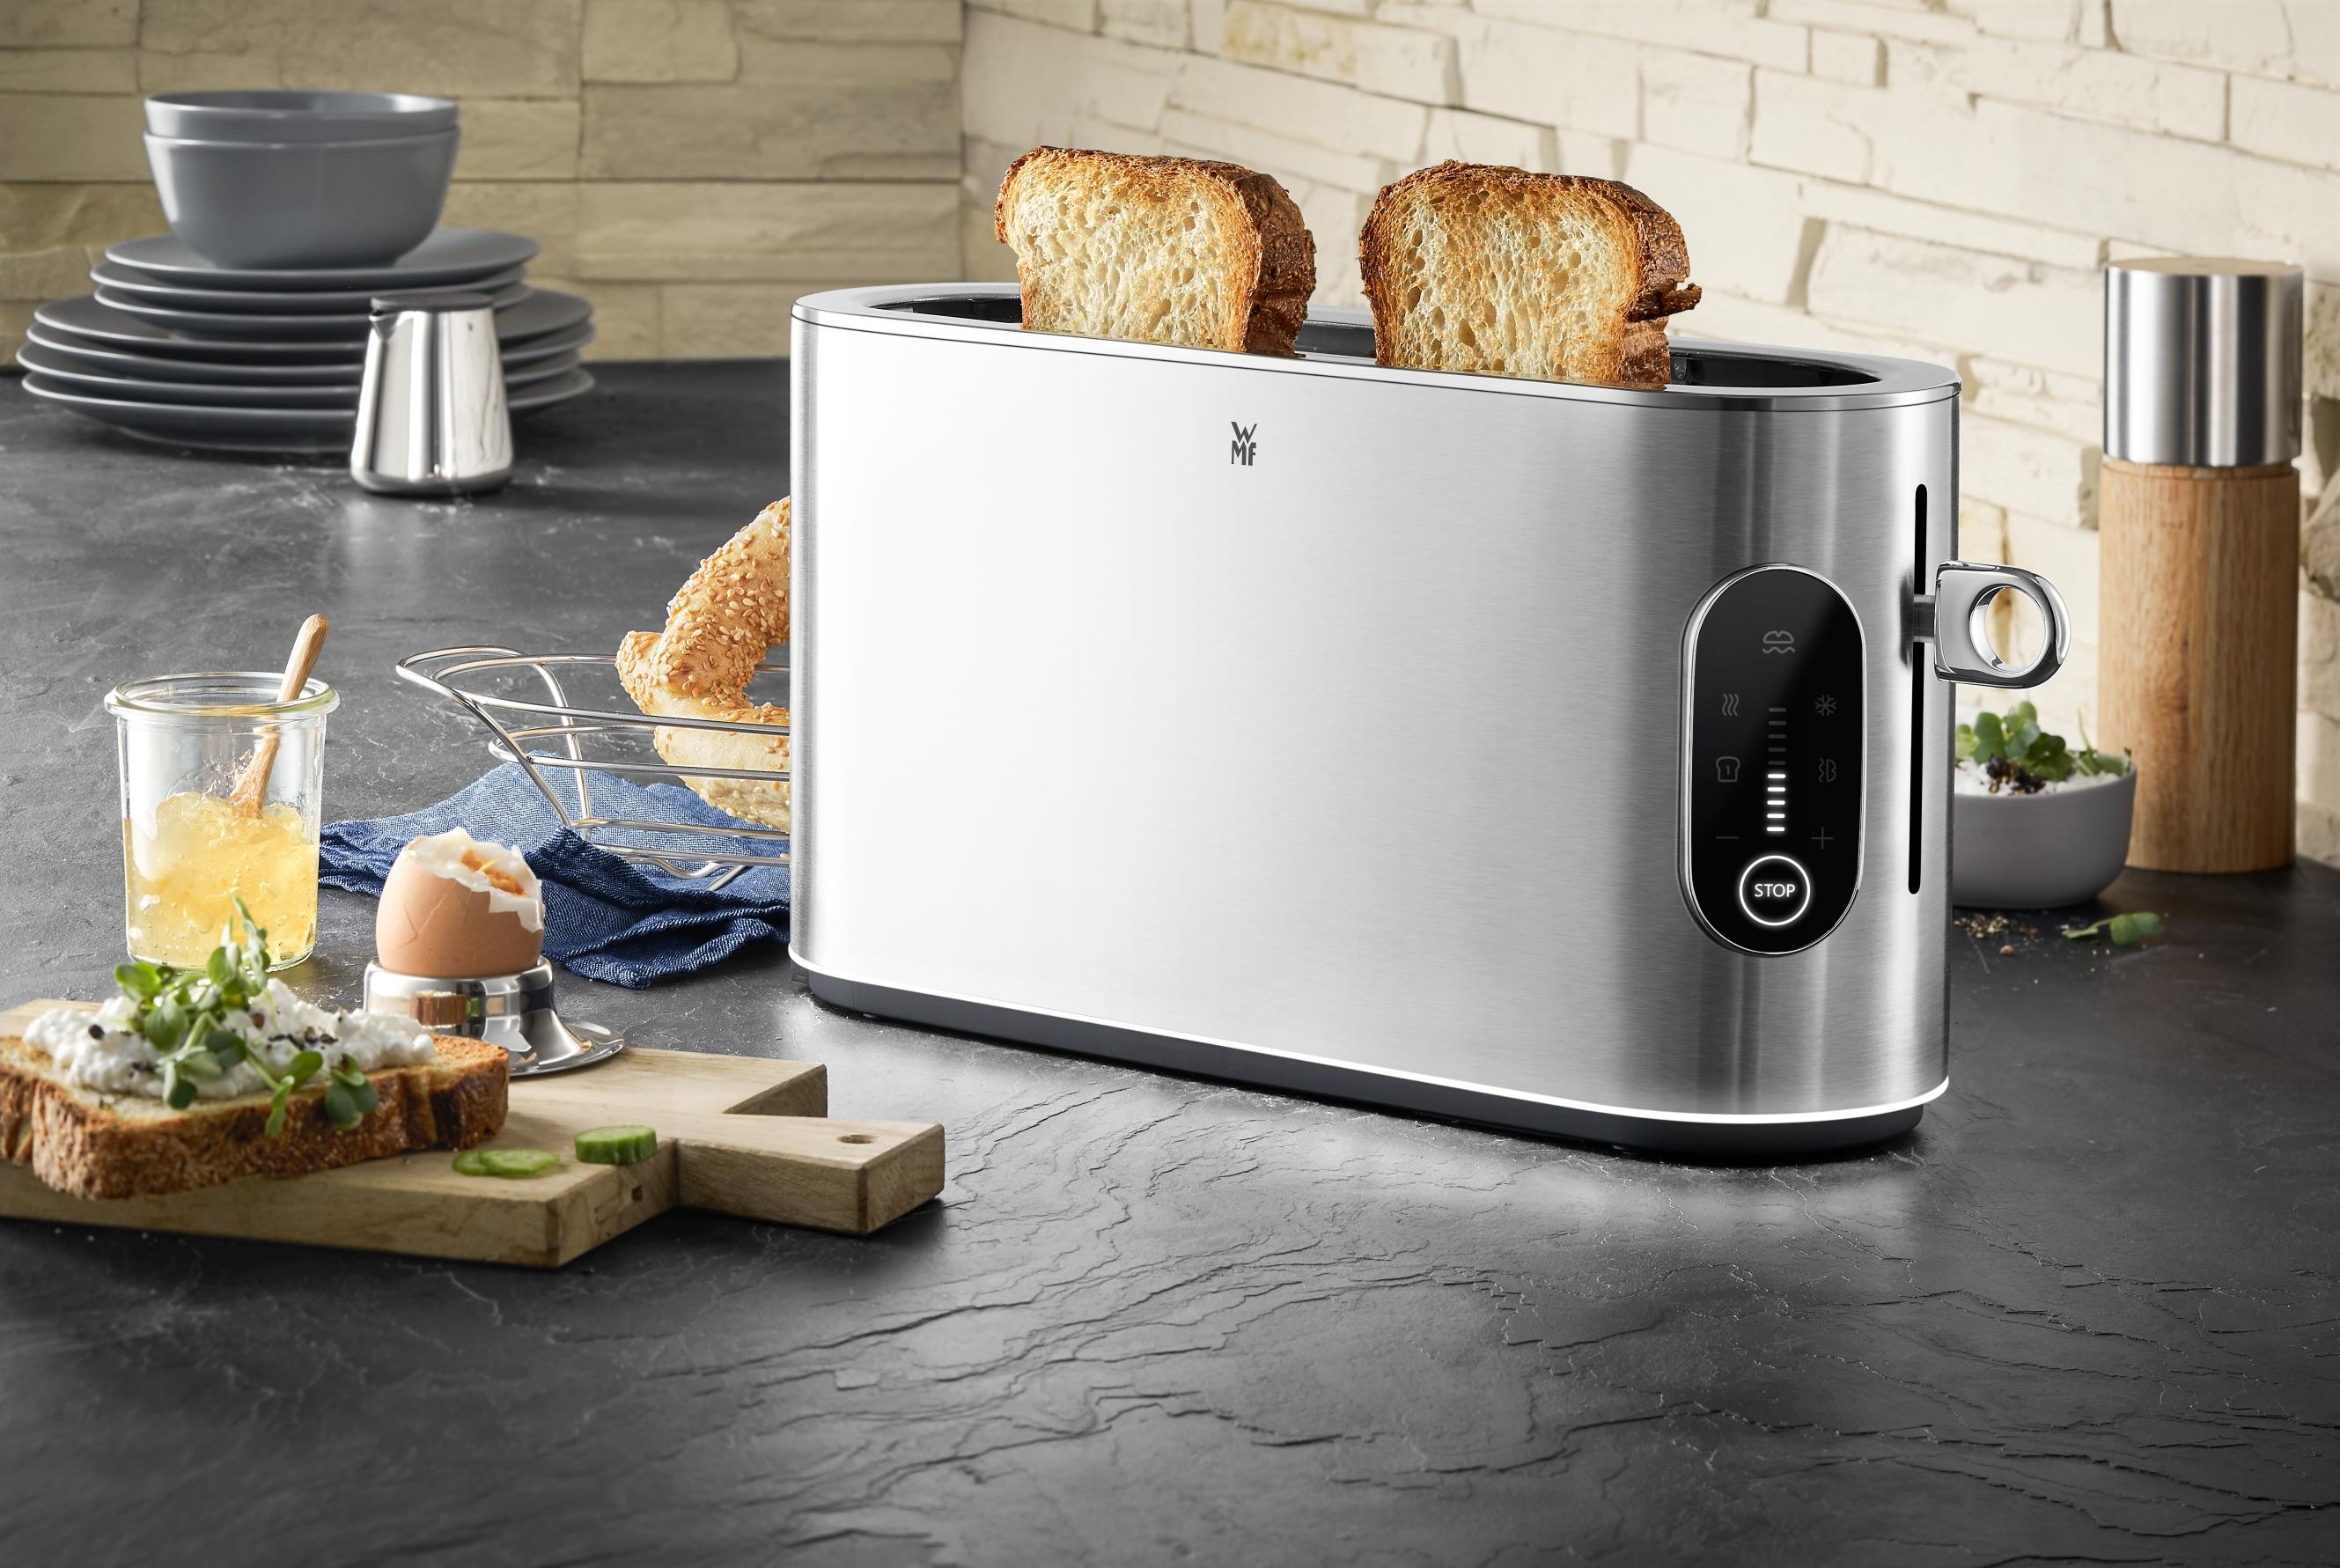 Üst düzey fonksiyonlar ve şık tasarım lezzetli ekmekler için bir araya geldi.